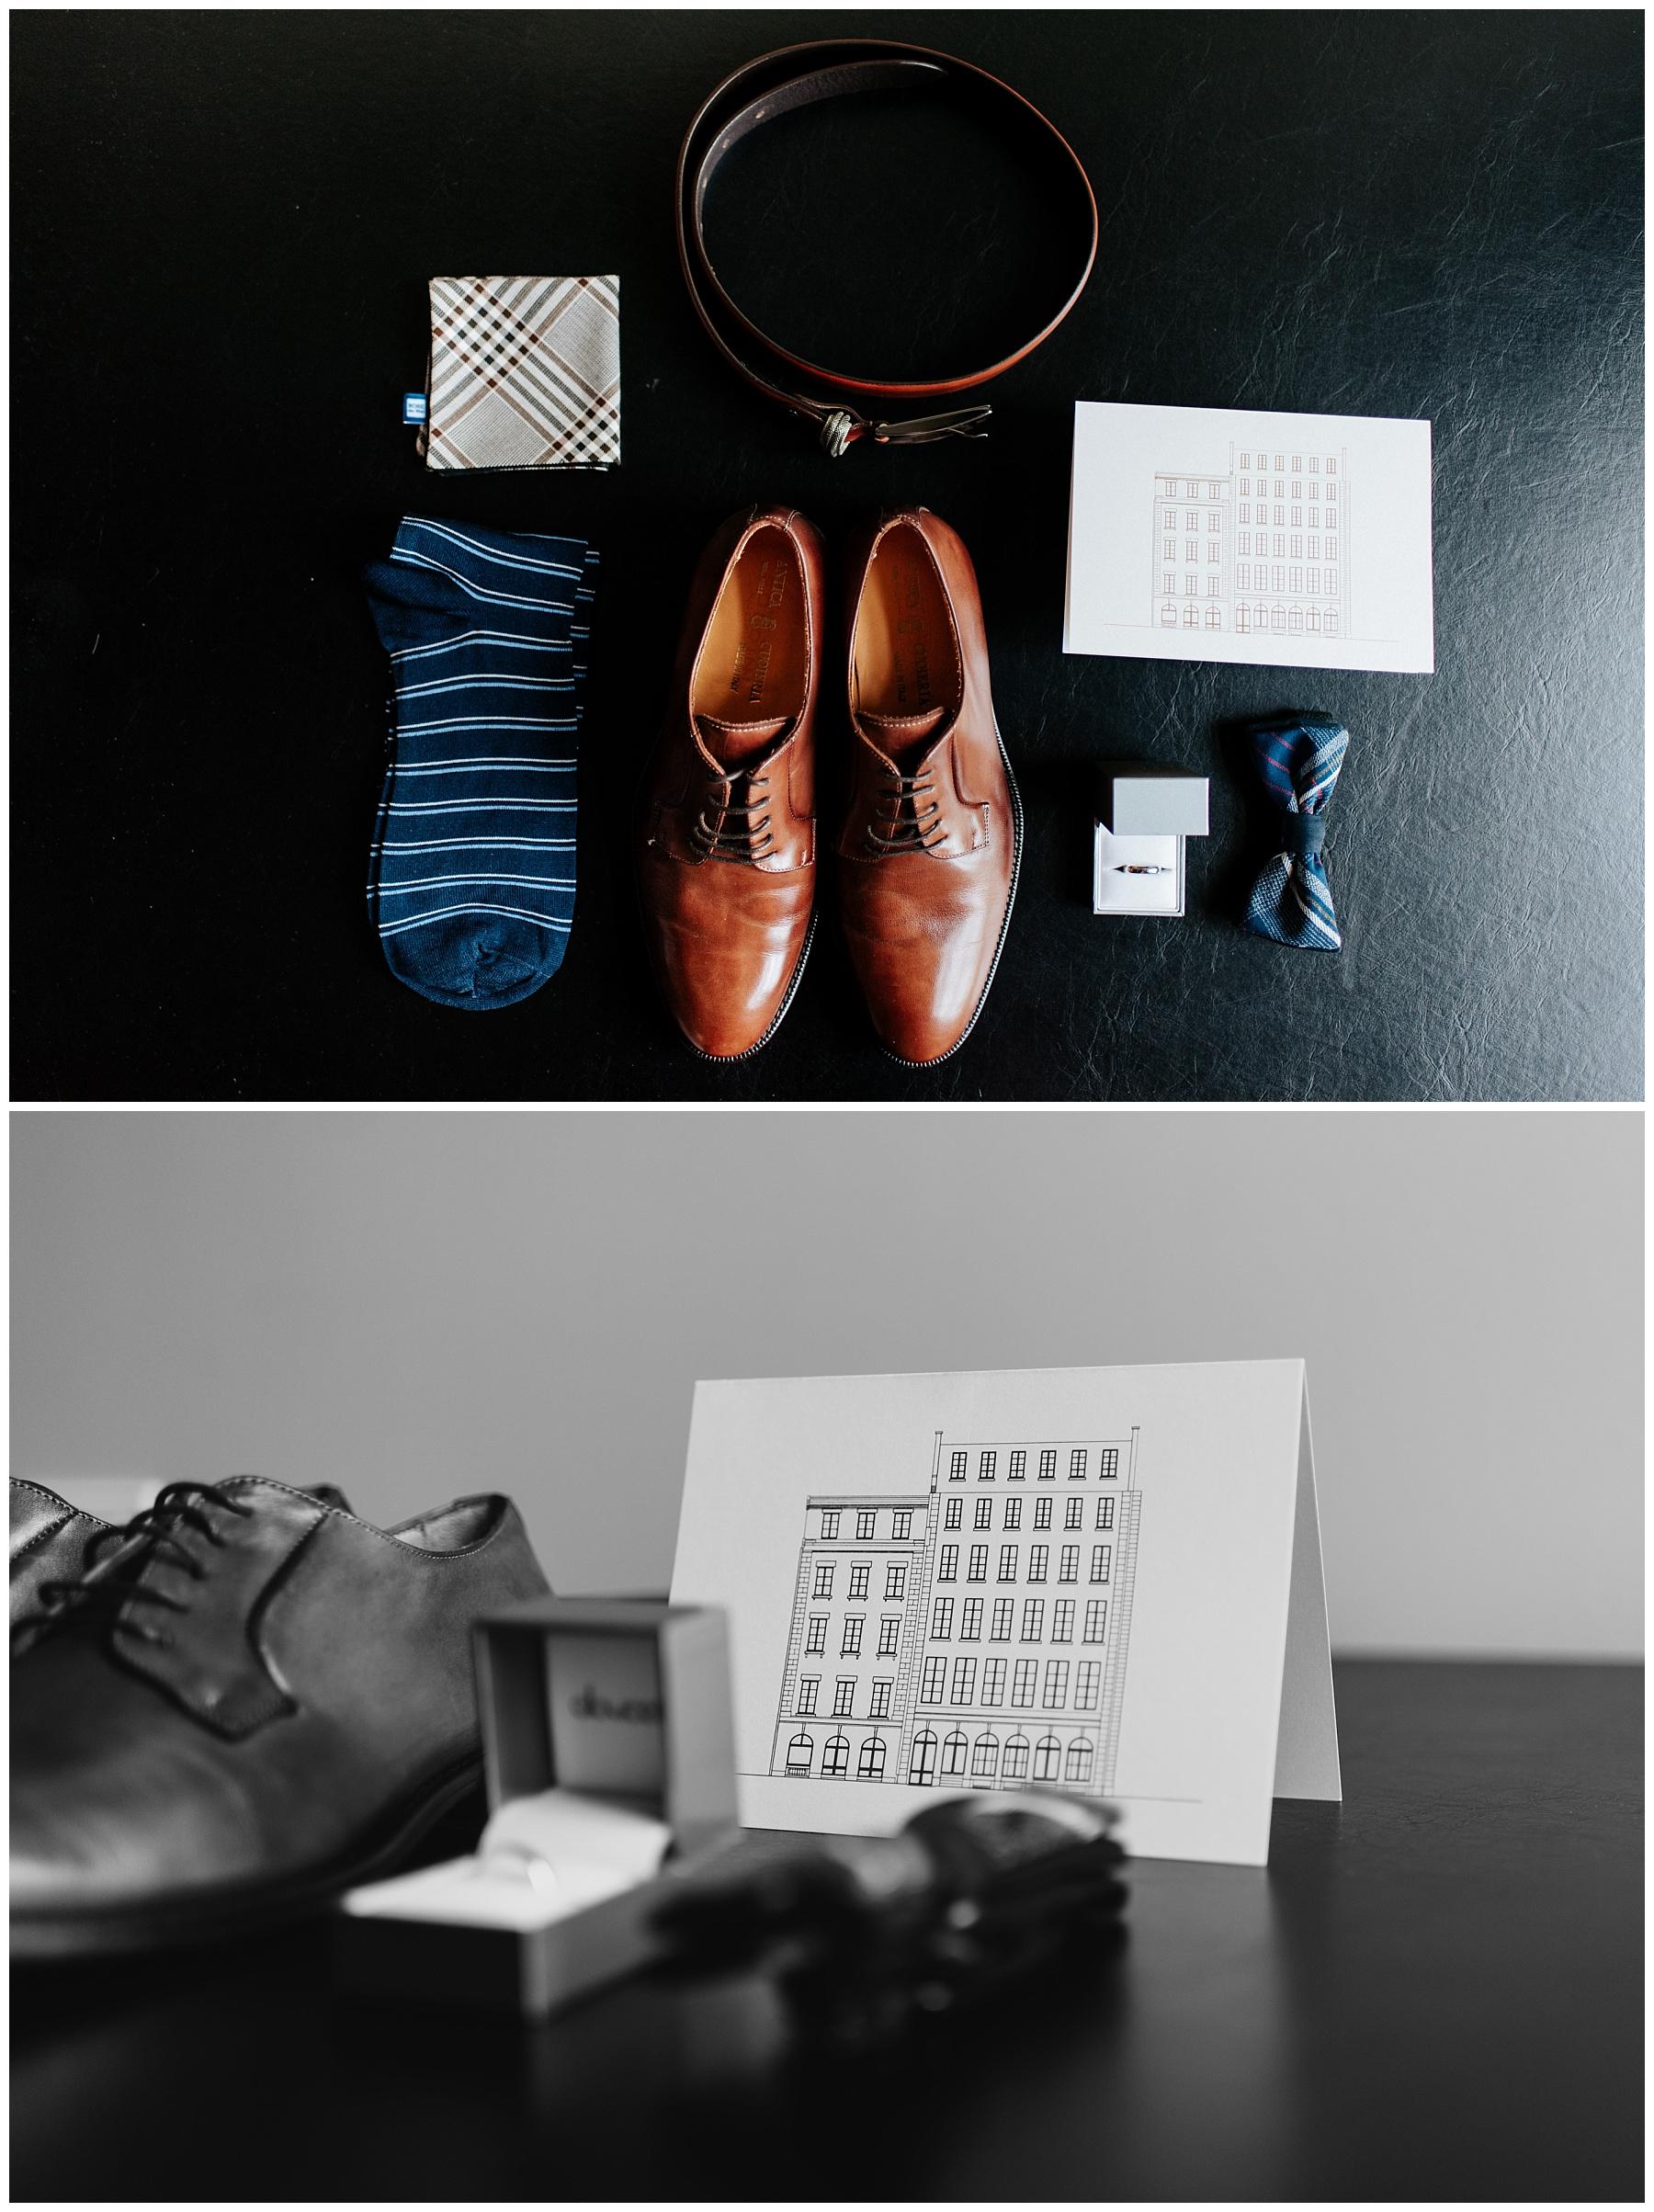 Photos des accessoires du mariés avant sa préparation. On y voit des souliers, un noeud papillon, une ceinture, sa bague, ses chaussettes et son mouchoir.